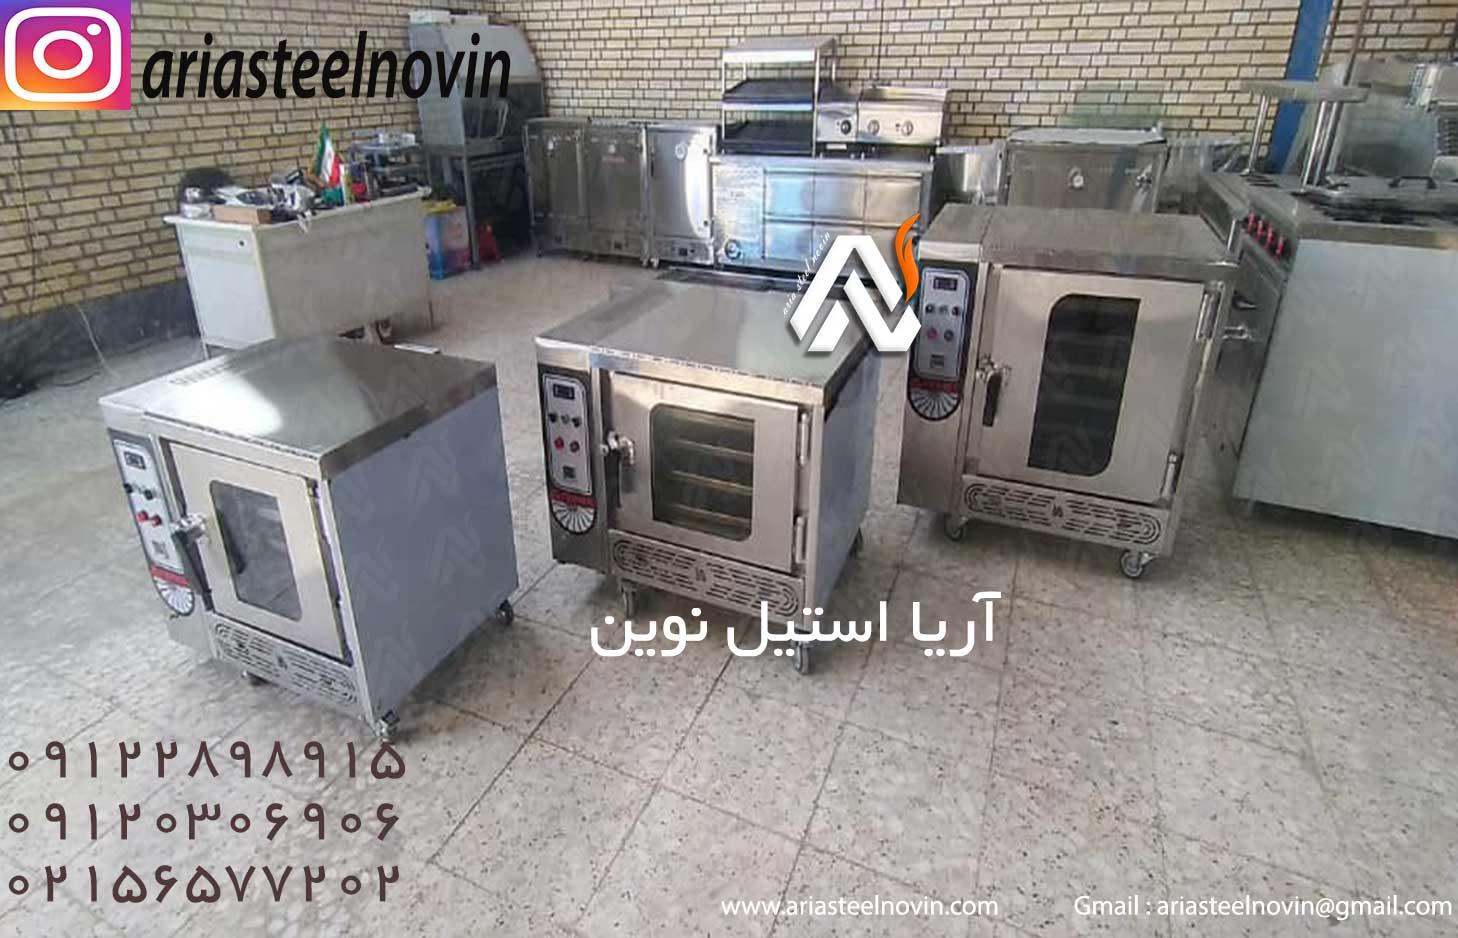 pstry-oven-8-des